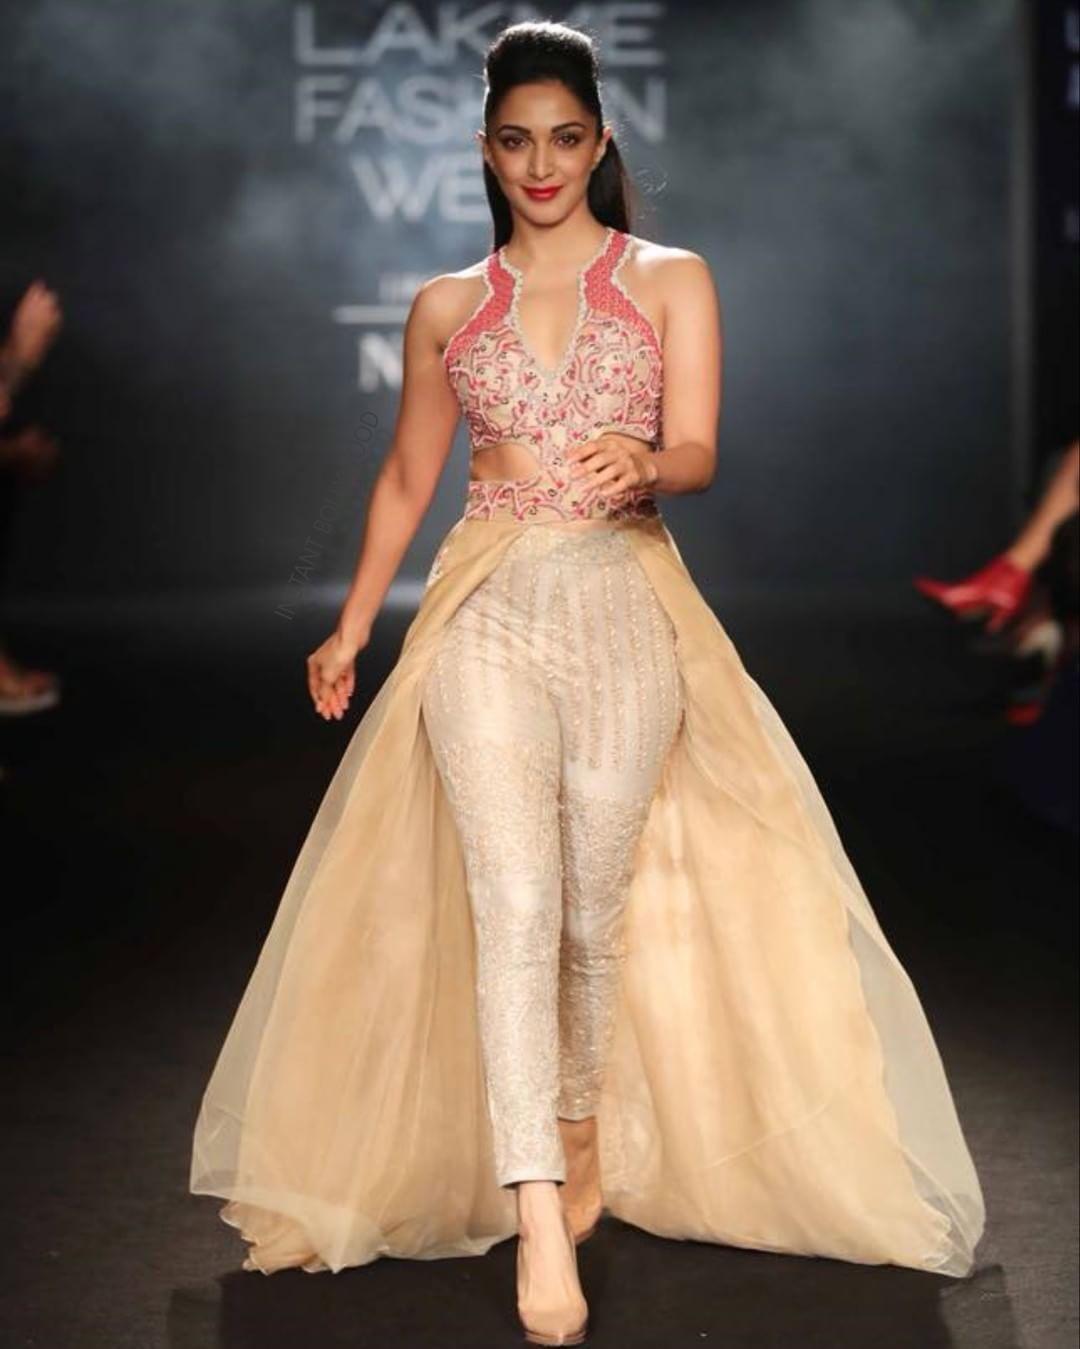 Kiara Advani at LFW2018